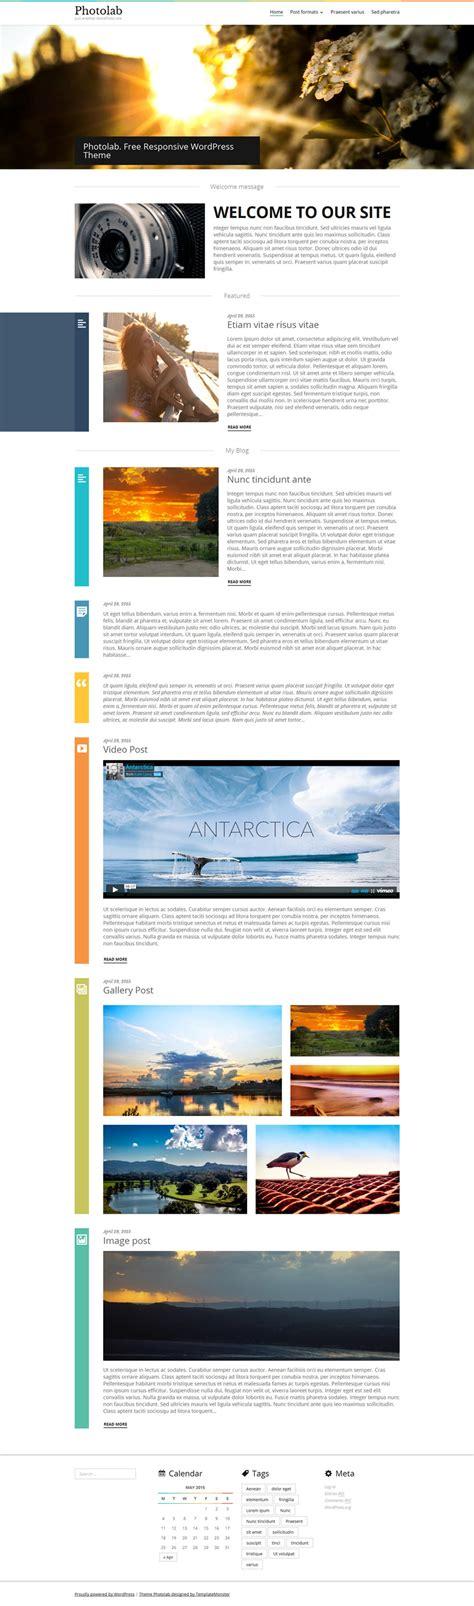 template wordpress toko online free photolab free wordpress theme free templates online